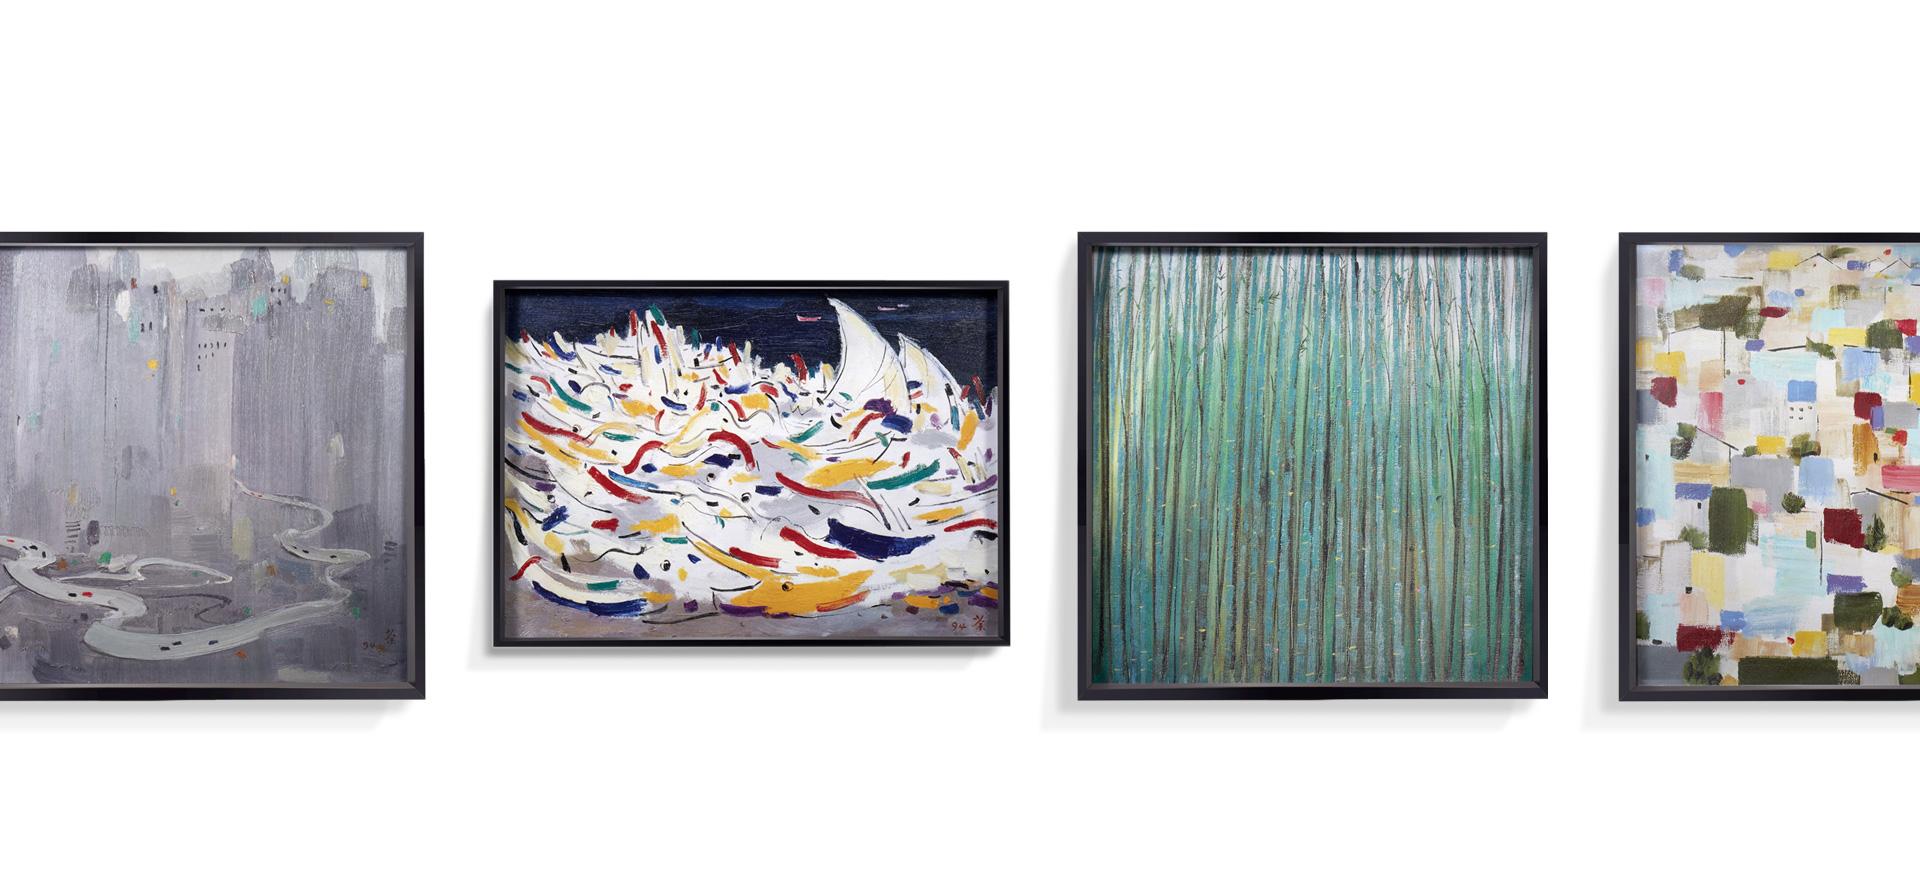 是艺术断想是逸品,留在房中的美之宇宙?x-oss-process=image/format,jpg/interlace,1